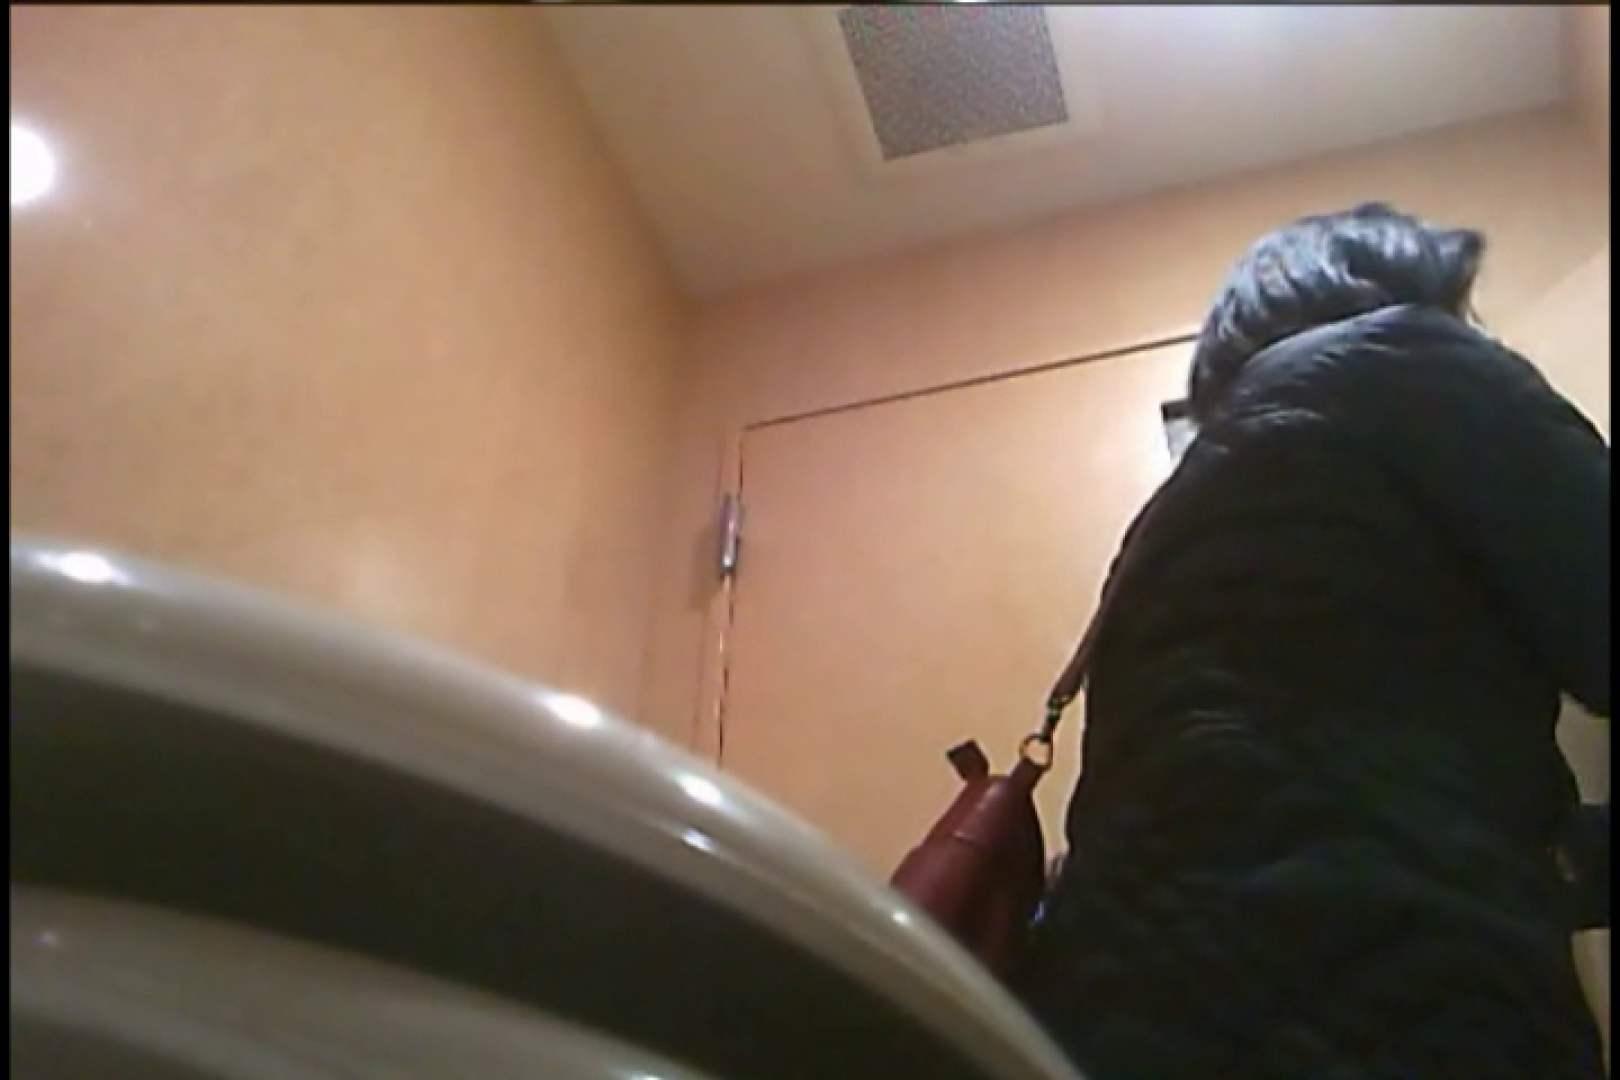 潜入!!女子化粧室盗撮~絶対見られたくない時間~vo,74 お尻 | 盗撮  75画像 5